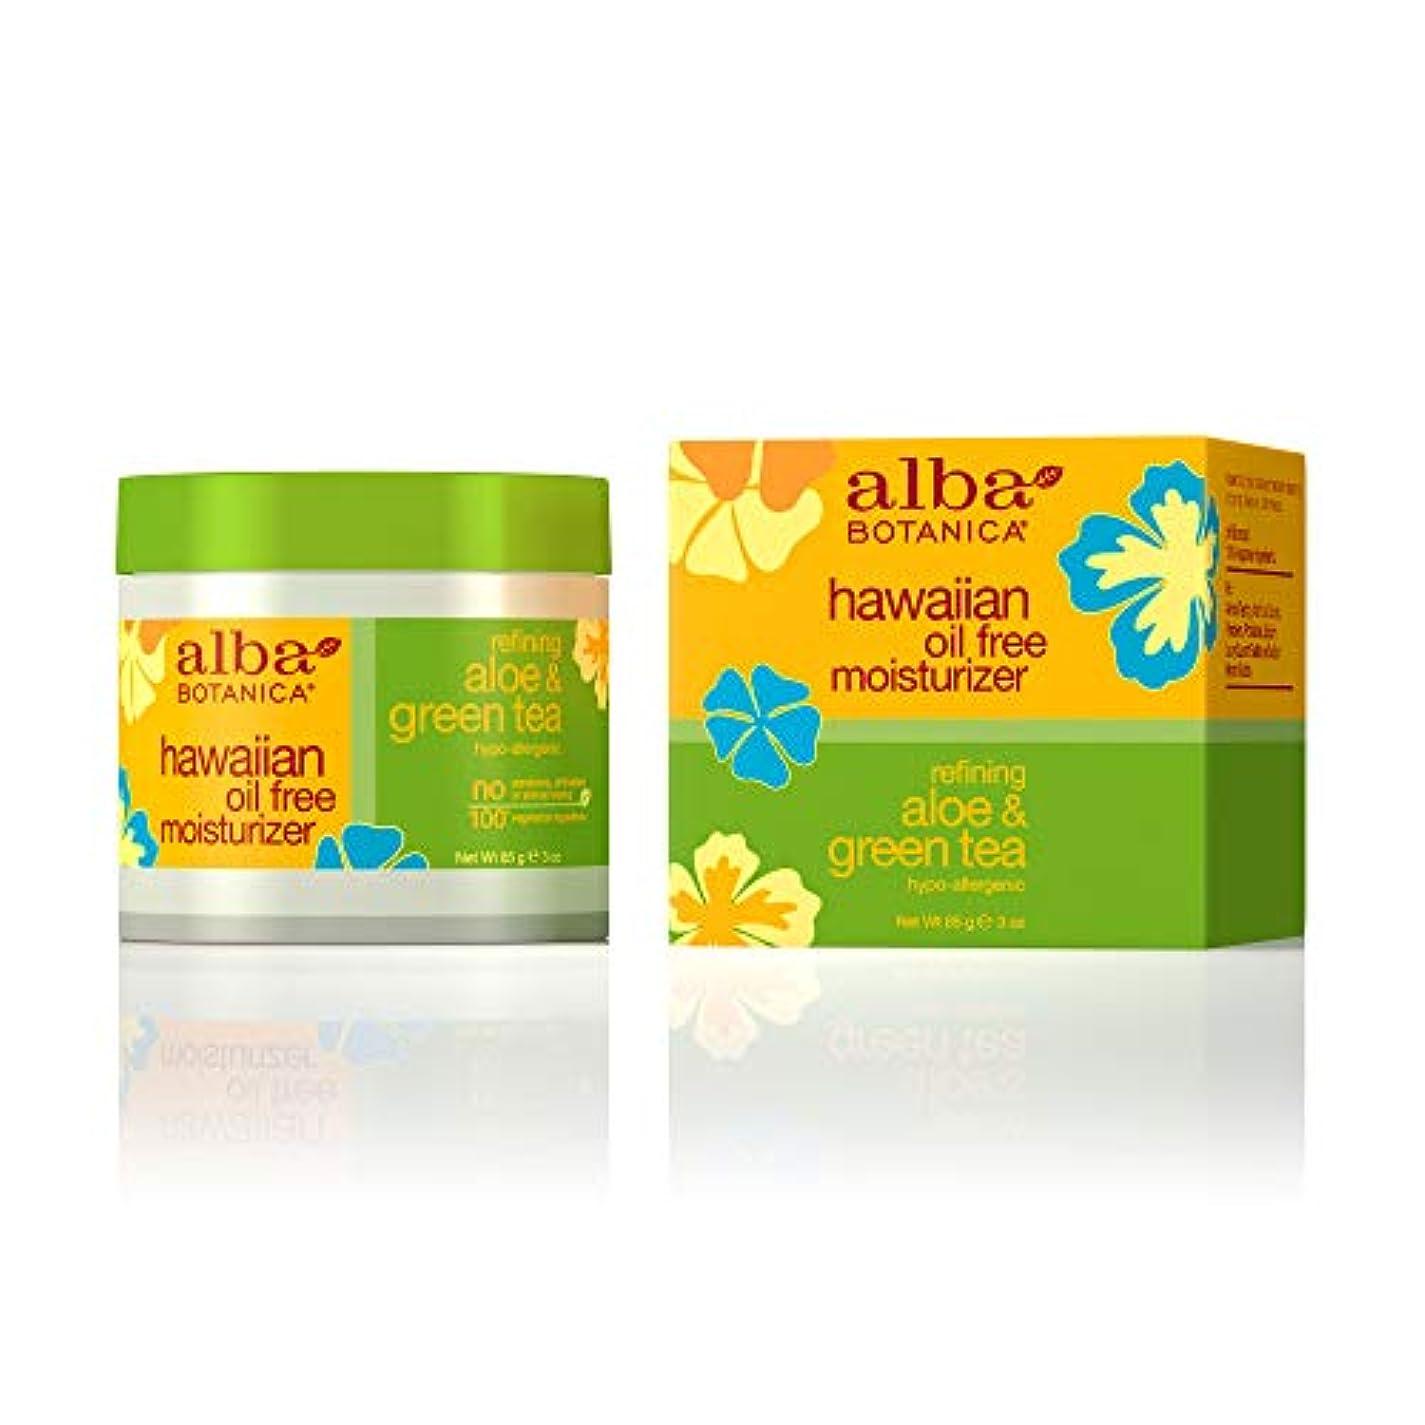 ポーチマリングリルAlba Botanica, Aloe & Green Tea Oil-Free Moisturizer, 3 oz (85 g)